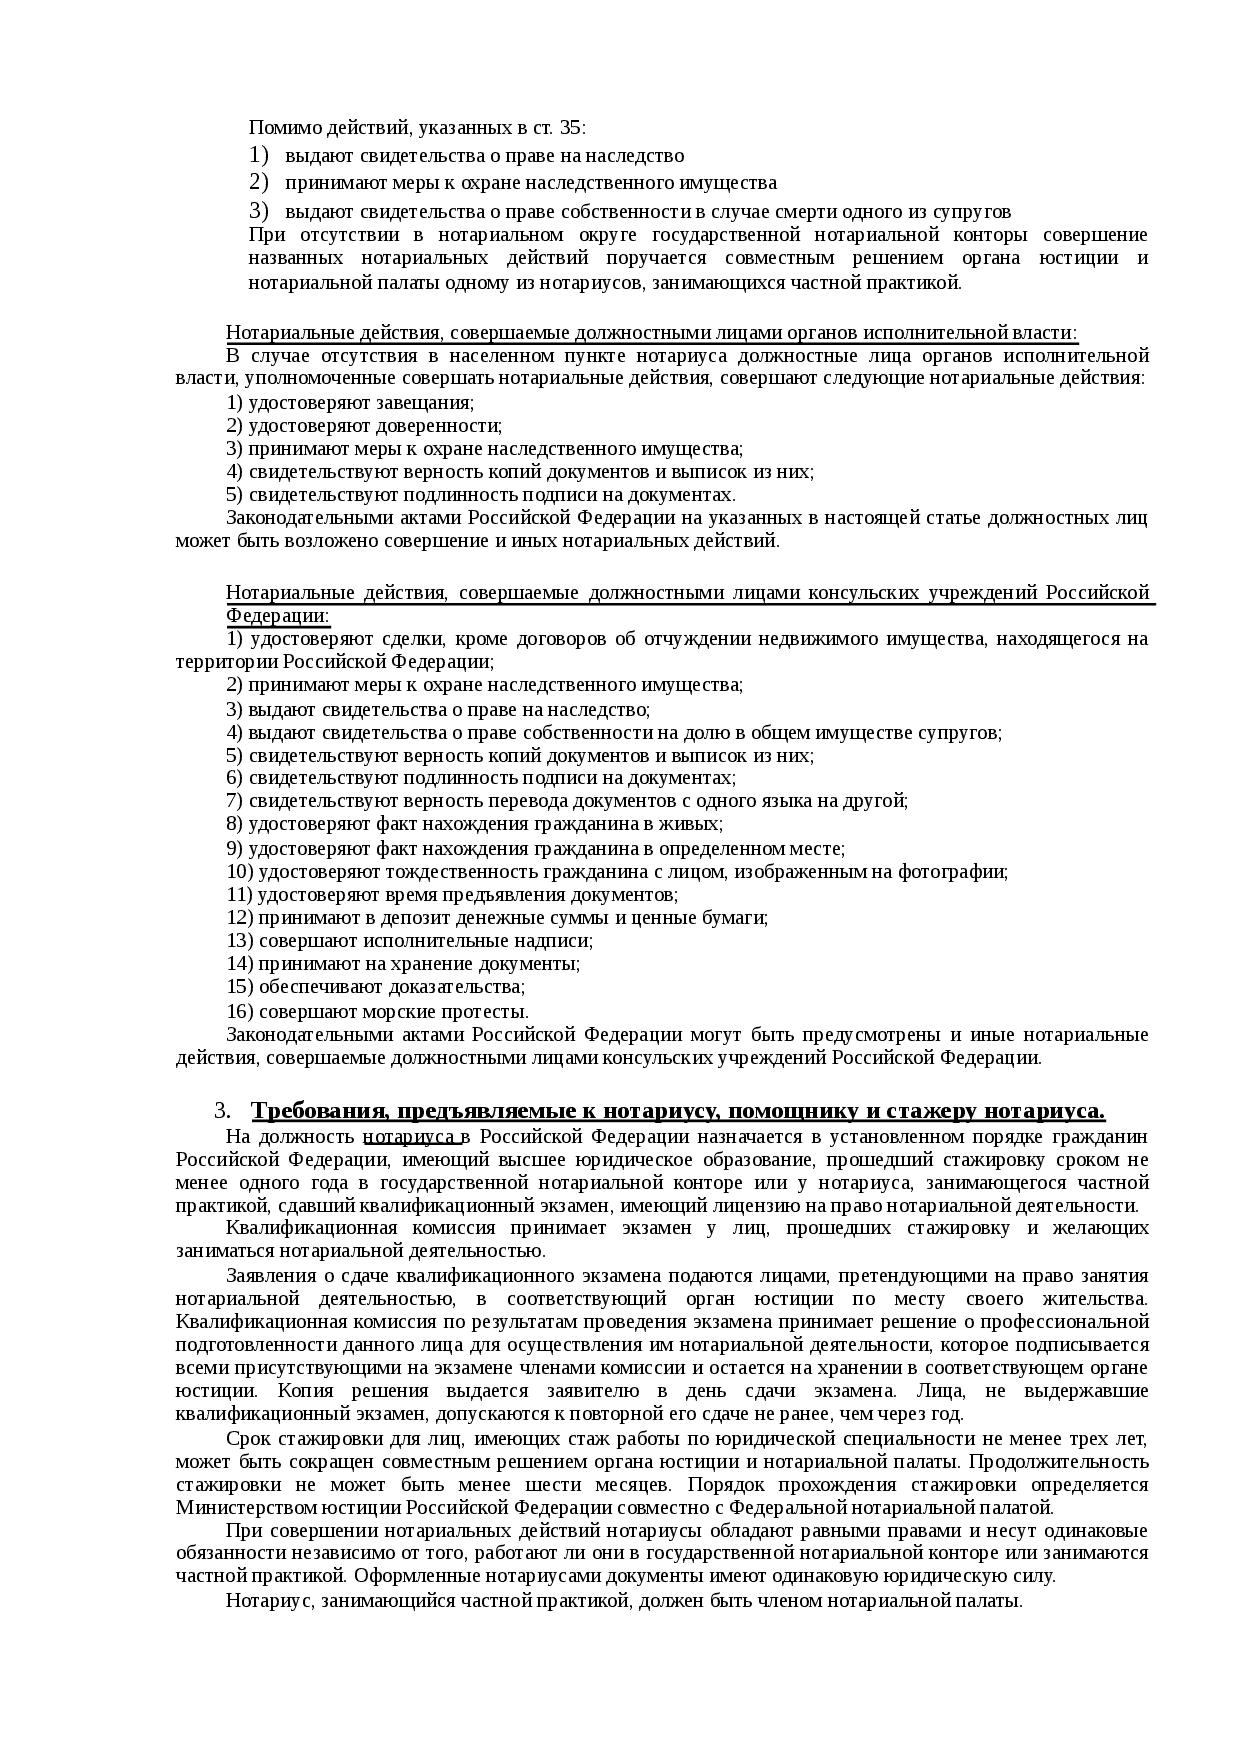 Свидетельство о праве на наследство: оформление, образец бланка, стоимость